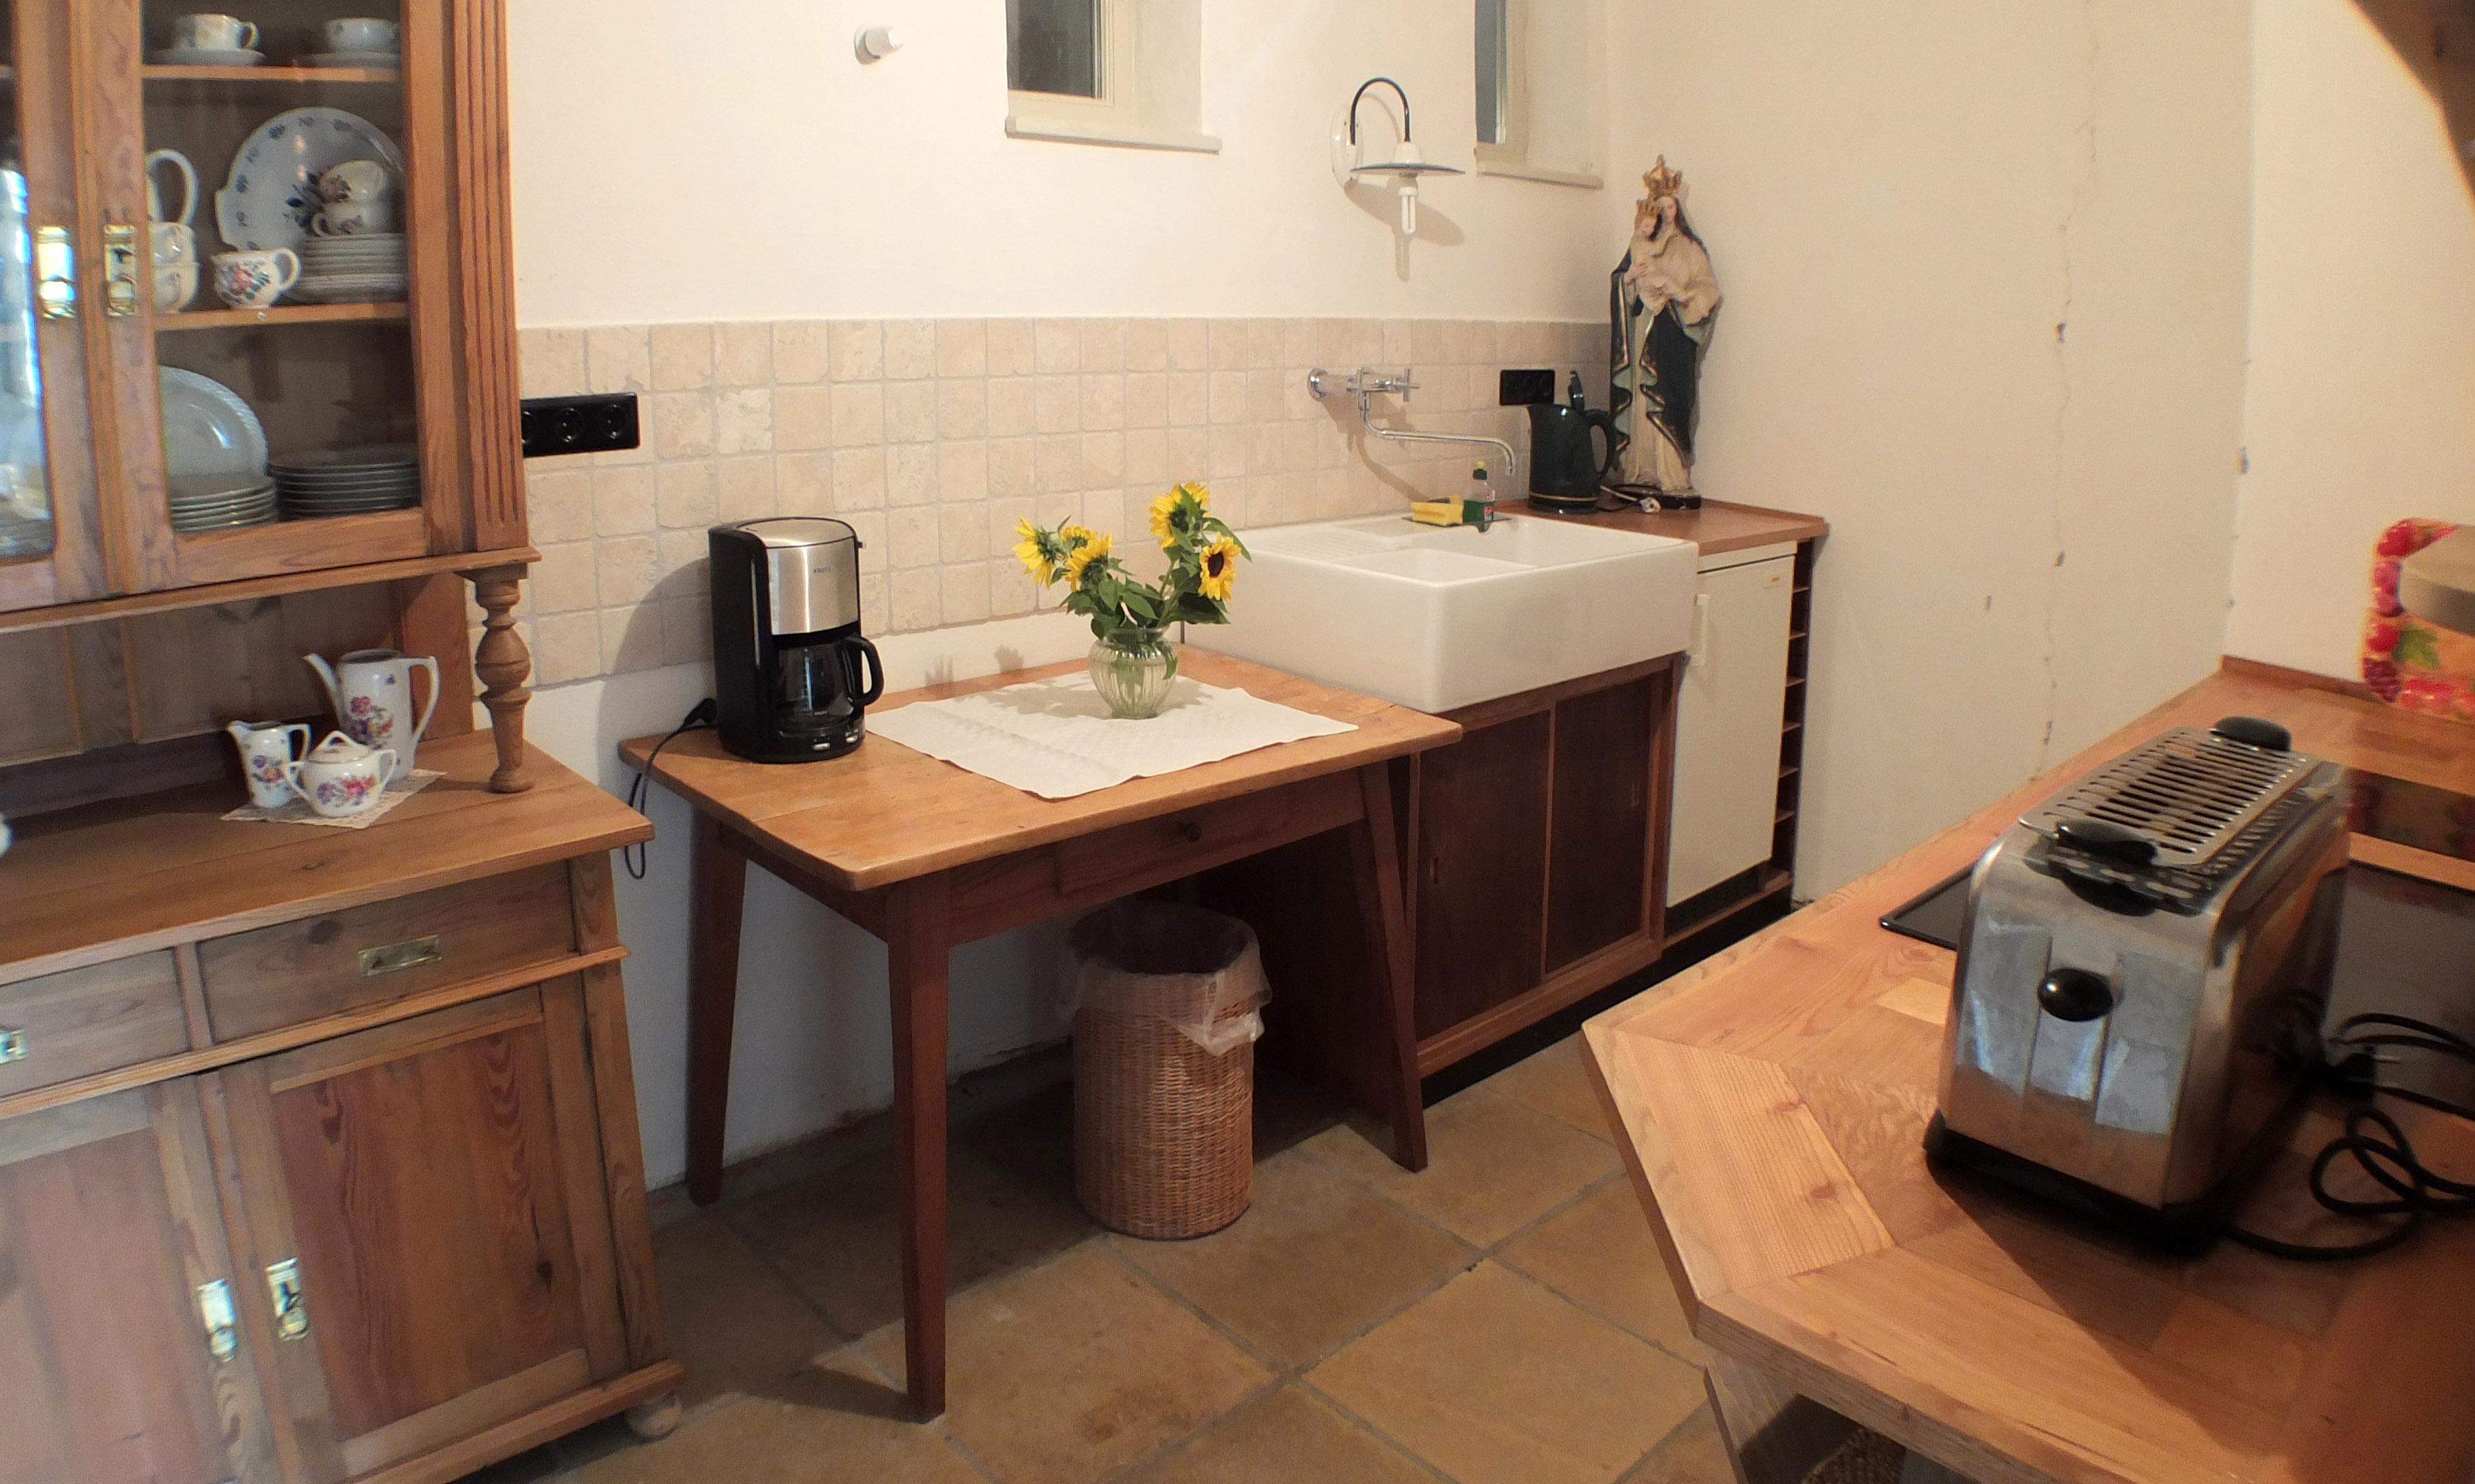 Gemütlich Küche Speise Setzt Uk Fotos - Ideen Für Die Küche ...